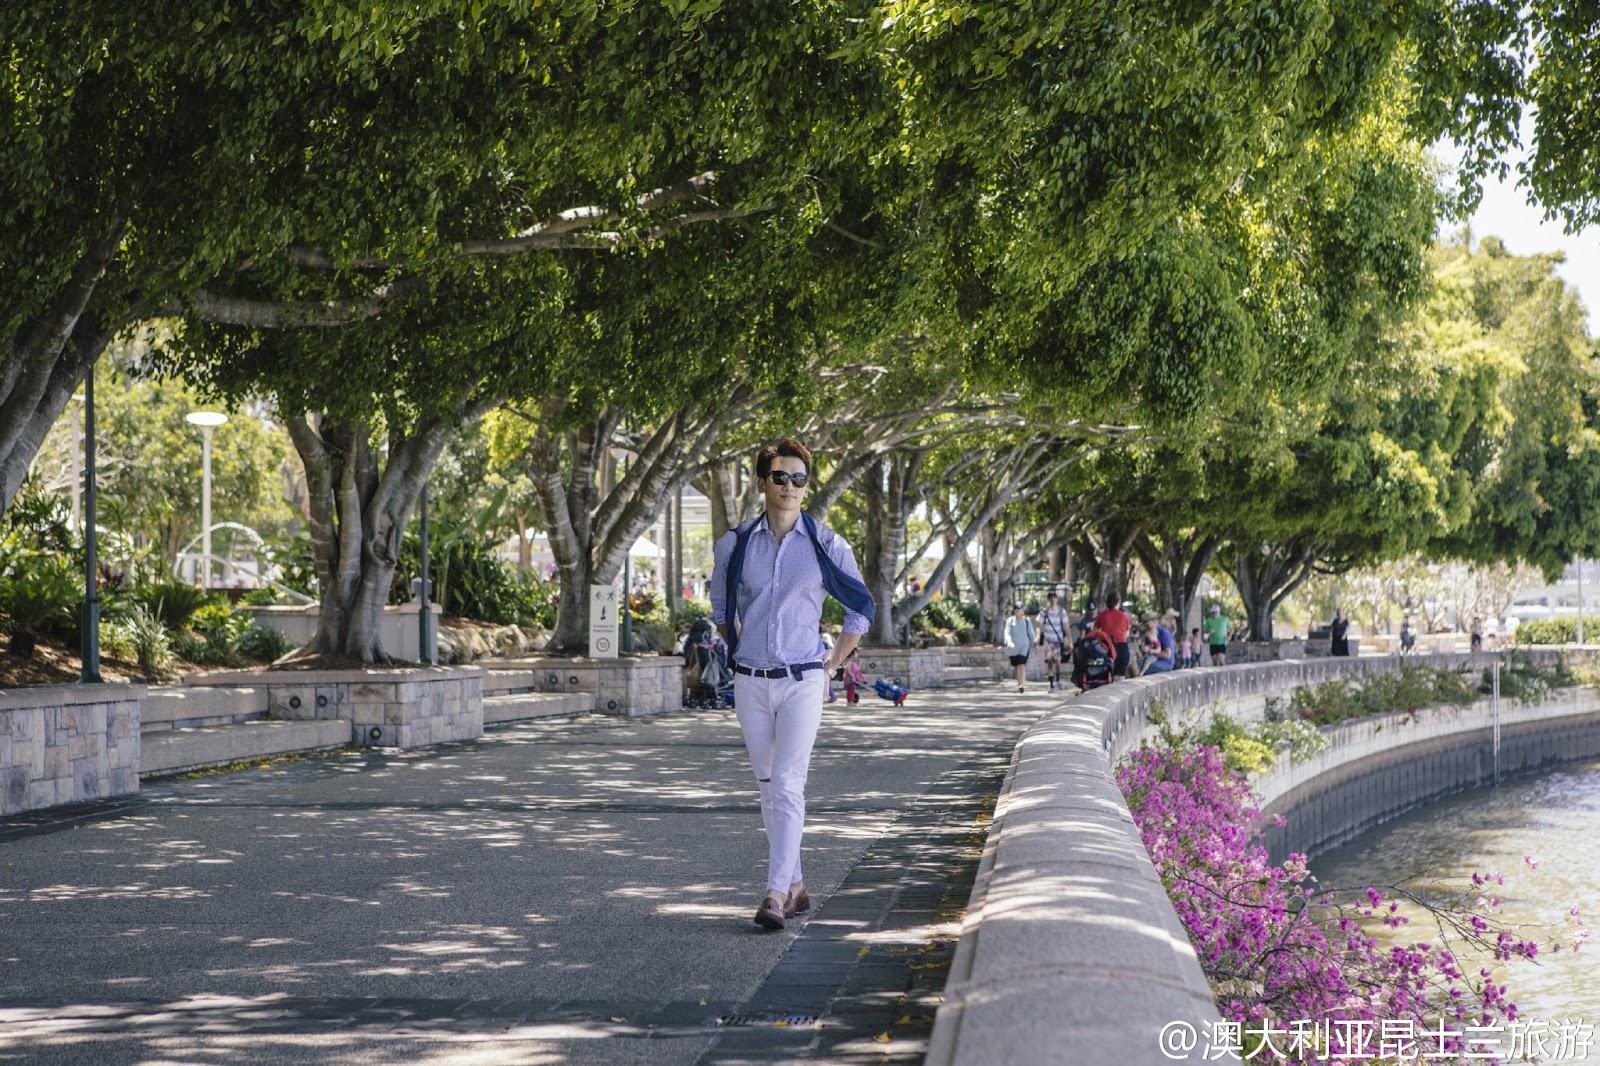 http://1.bp.blogspot.com/-1jXjZo8WFBI/Vno5GlBUNgI/AAAAAAABMWA/ESkTRvh9QfI/s1600/s7.jpg